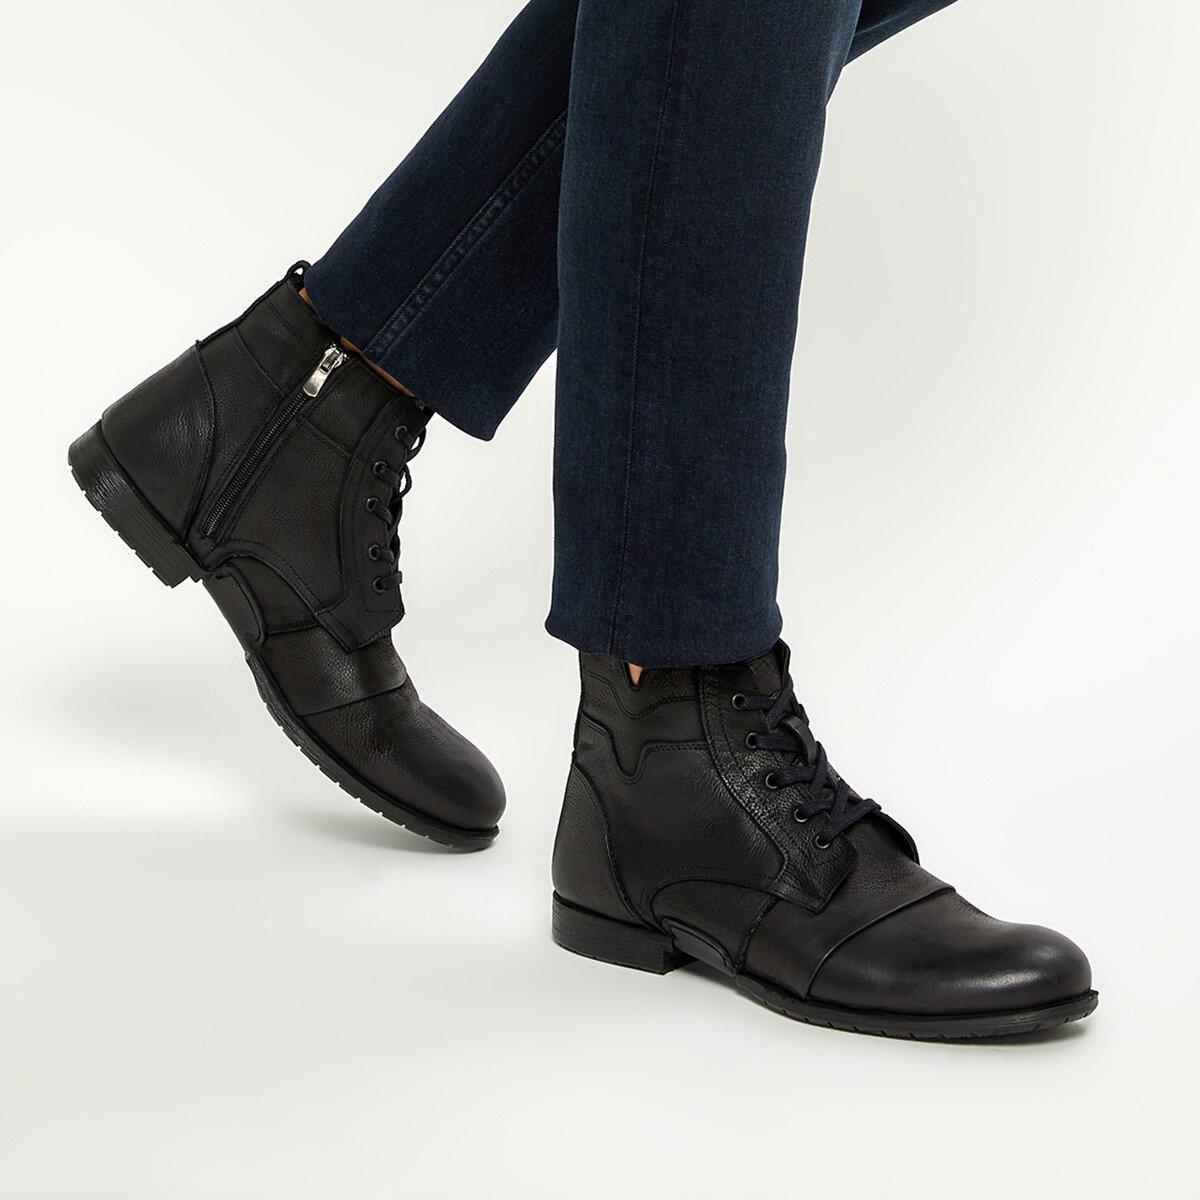 FLO 4012 Black Men Boots Forester